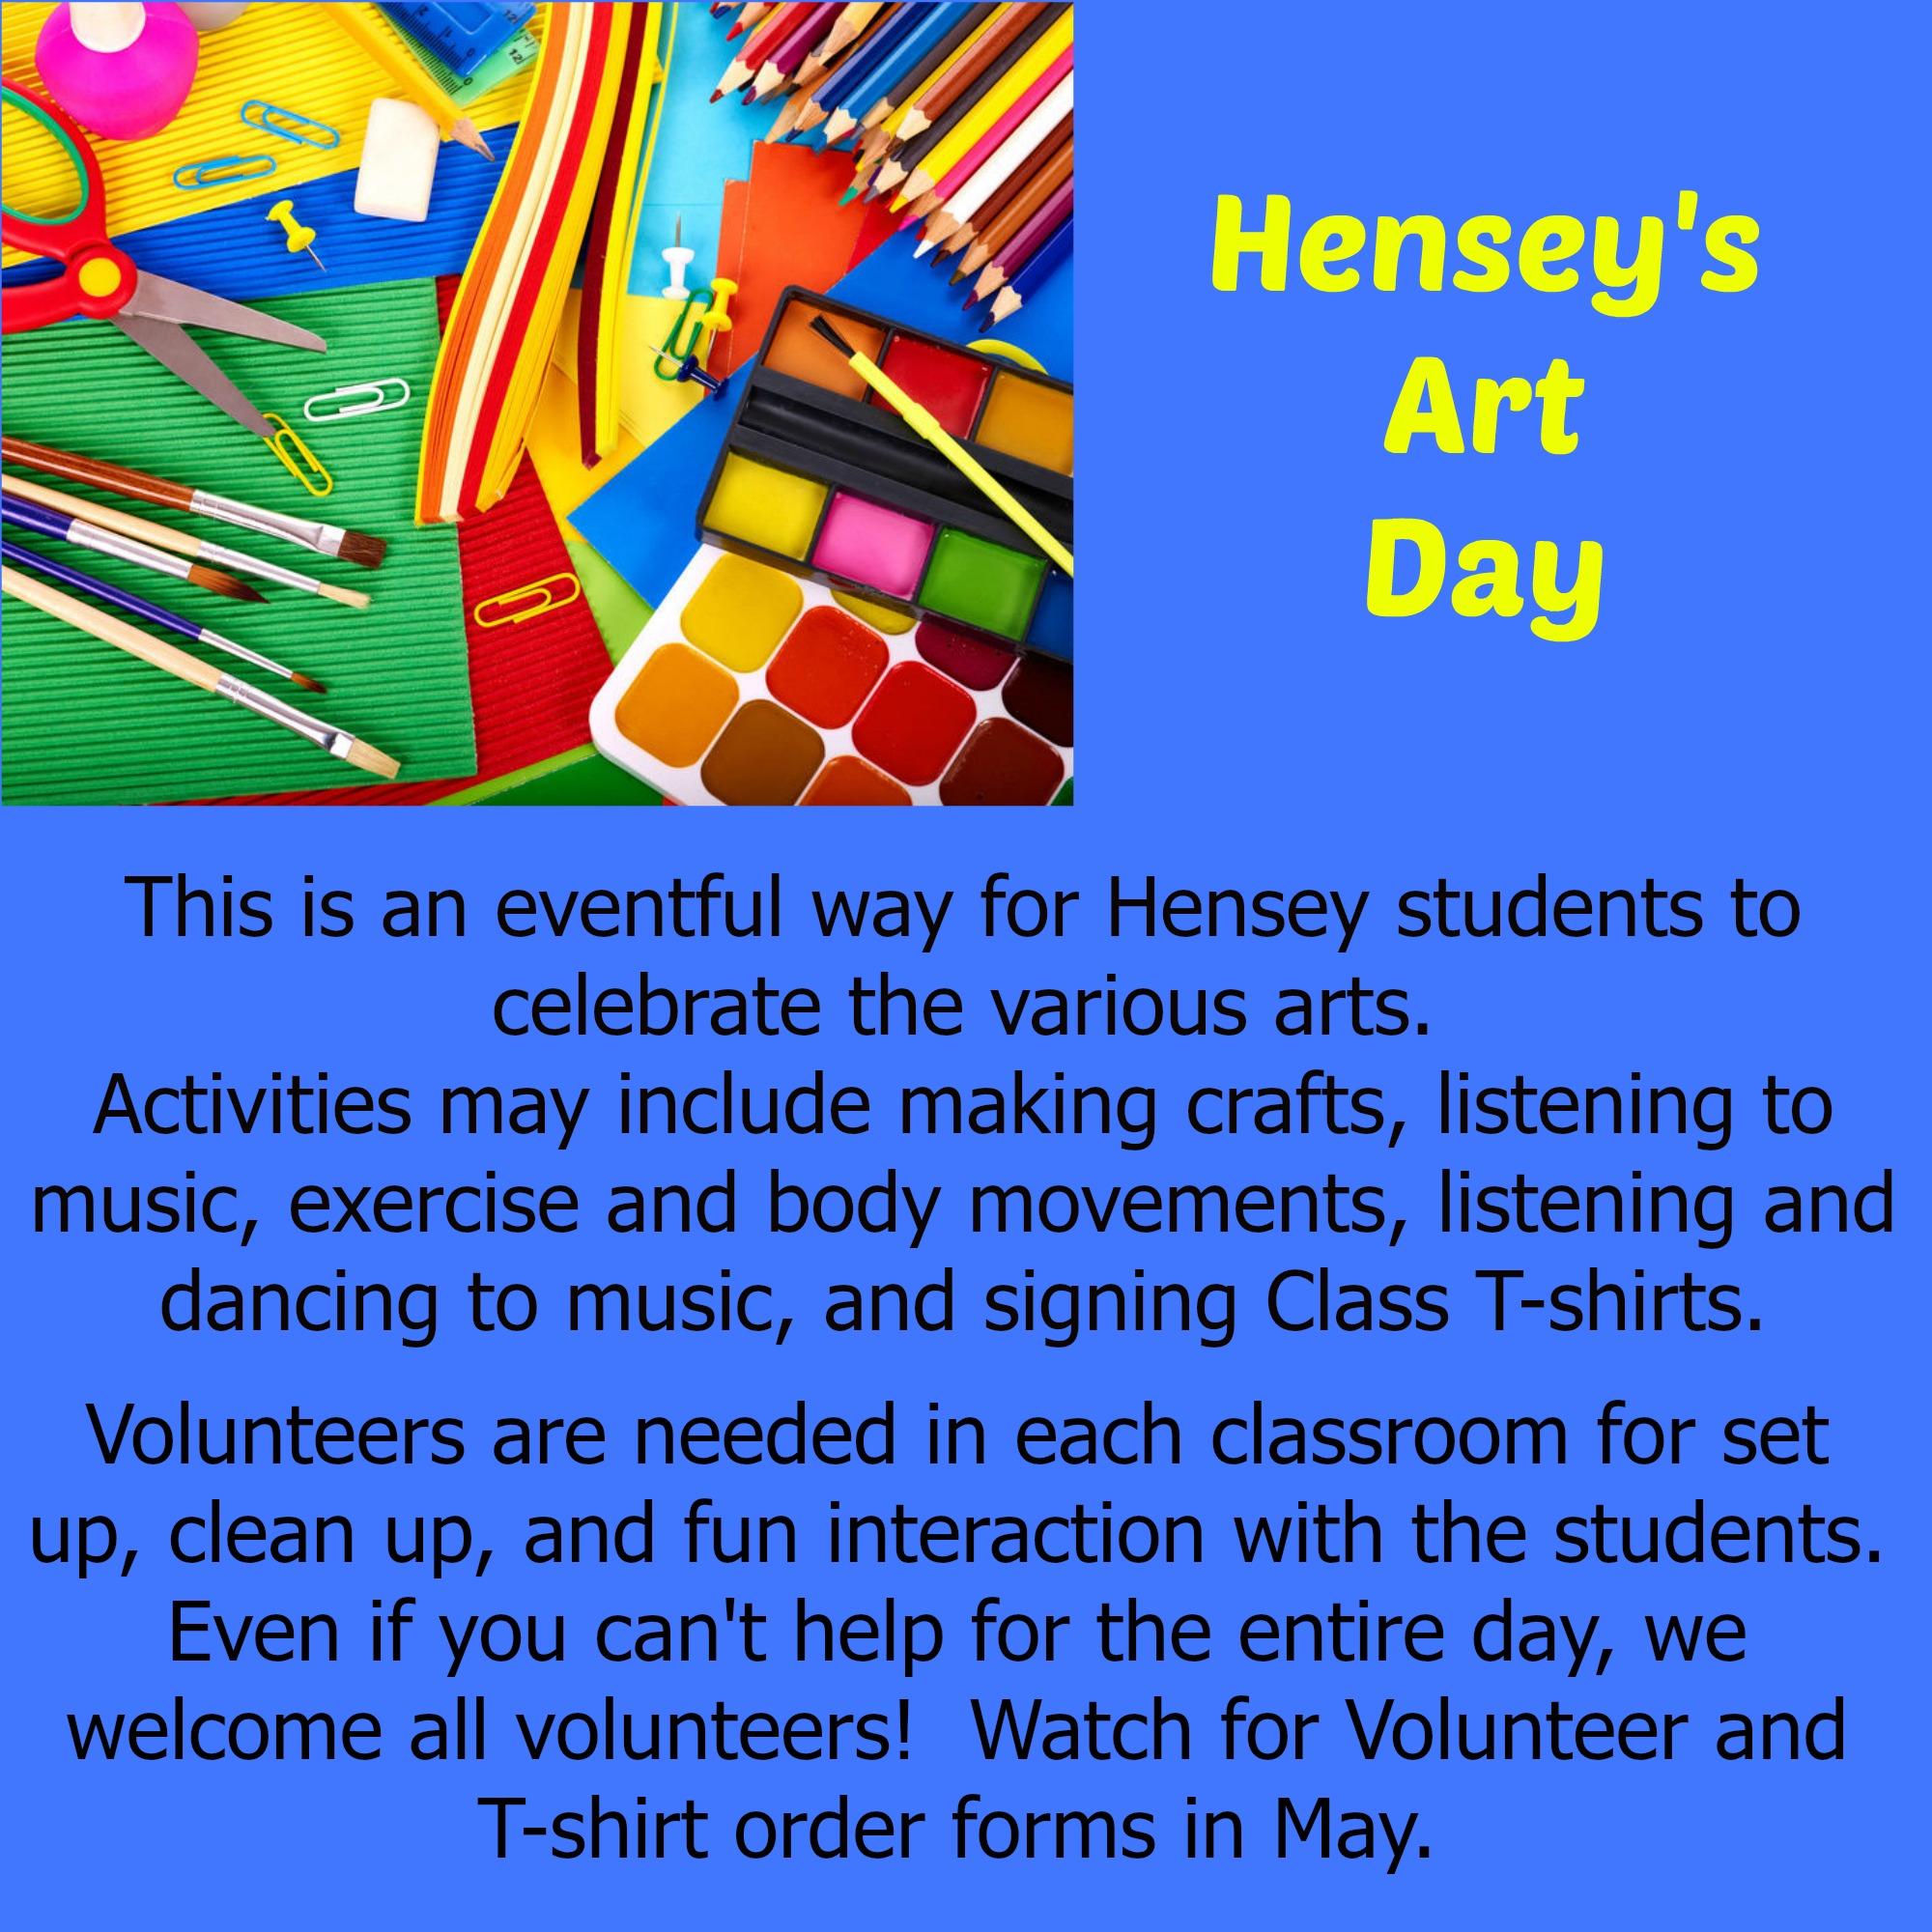 Hensey Art Day Poster